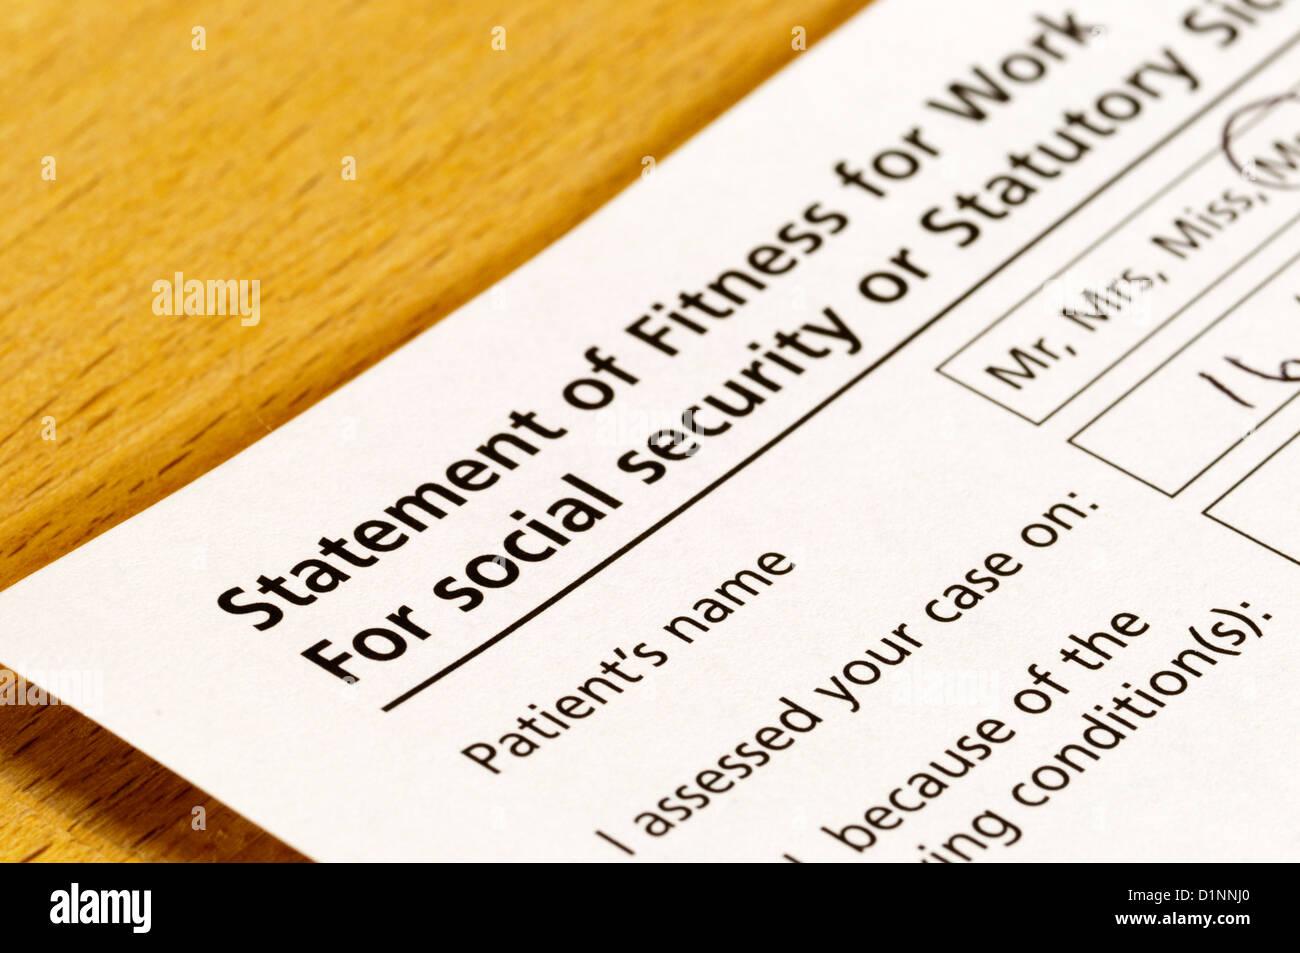 Doctors Certificate Stockfotos & Doctors Certificate Bilder - Alamy